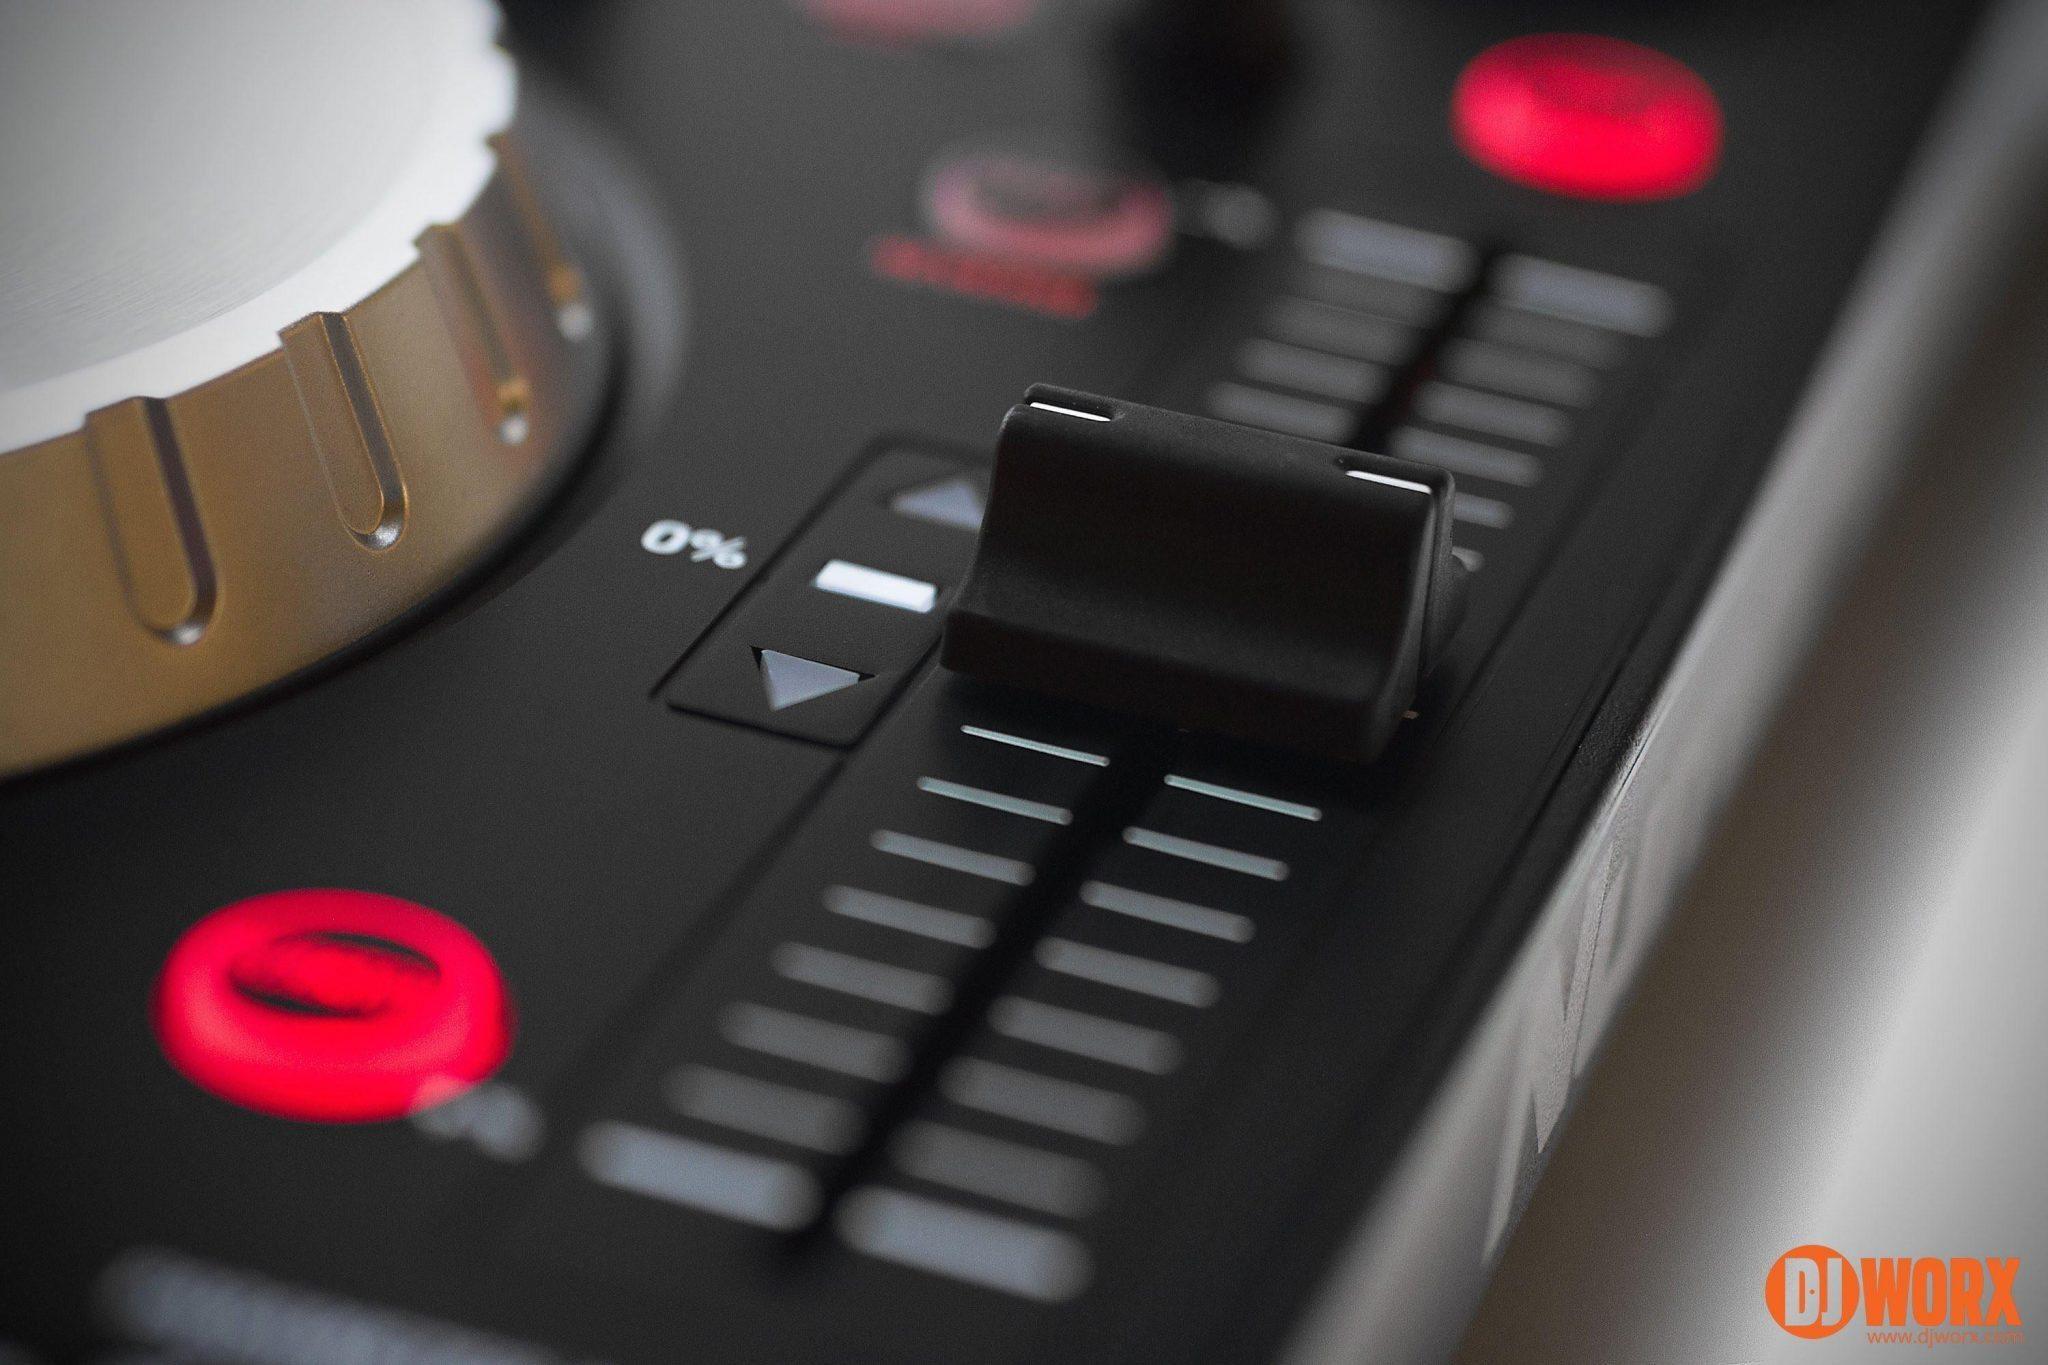 Numark NV Serato DJ controller review (15)